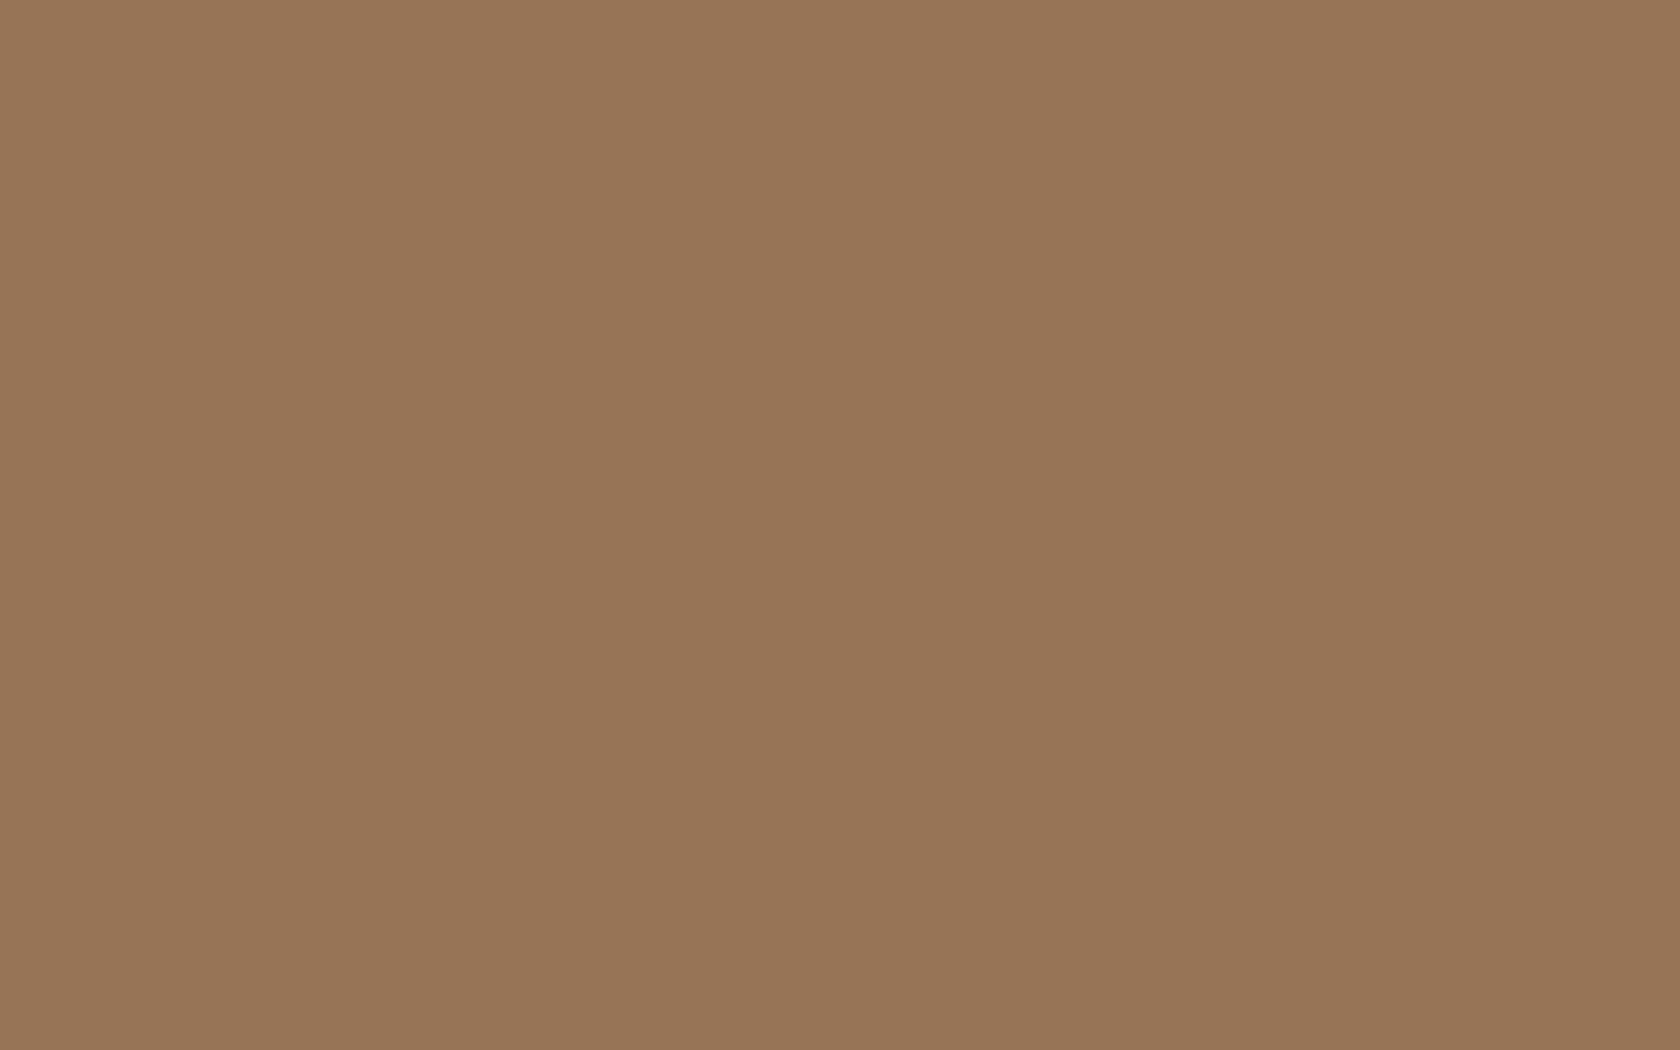 1680x1050 Liver Chestnut Solid Color Background